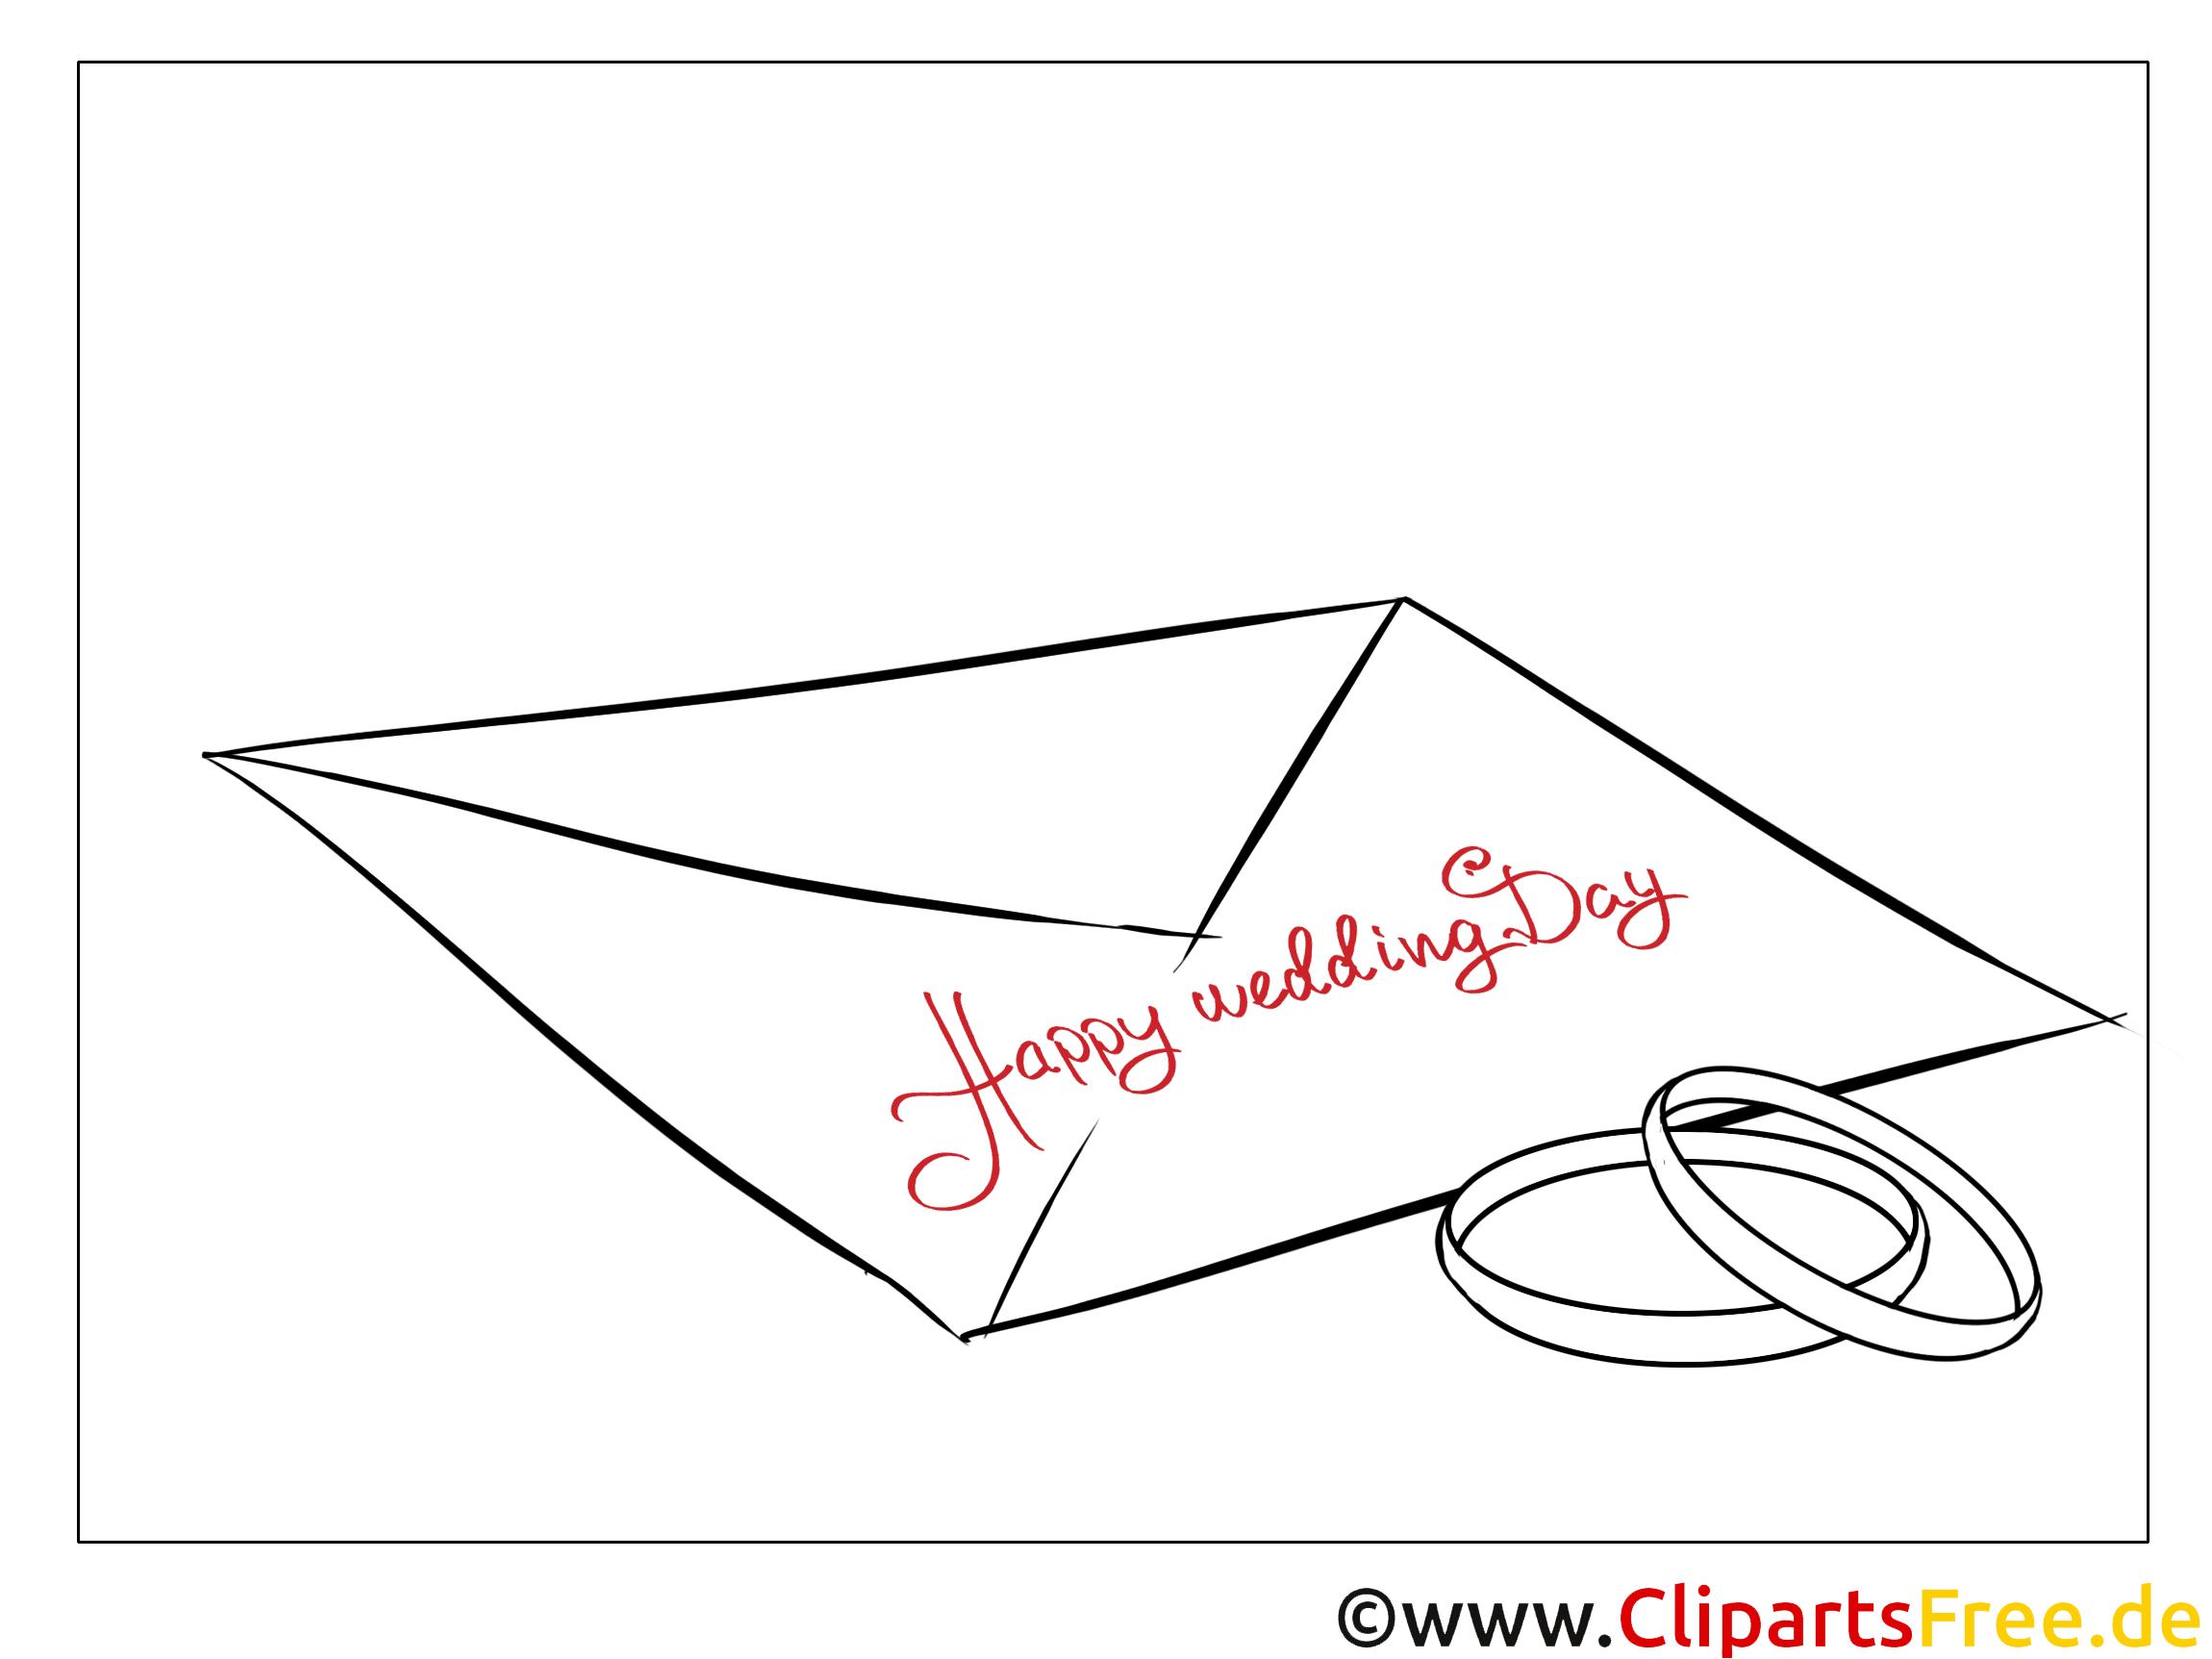 Umschlag Ringe Malvorlagen-Glückwünsche zur Hochzeit